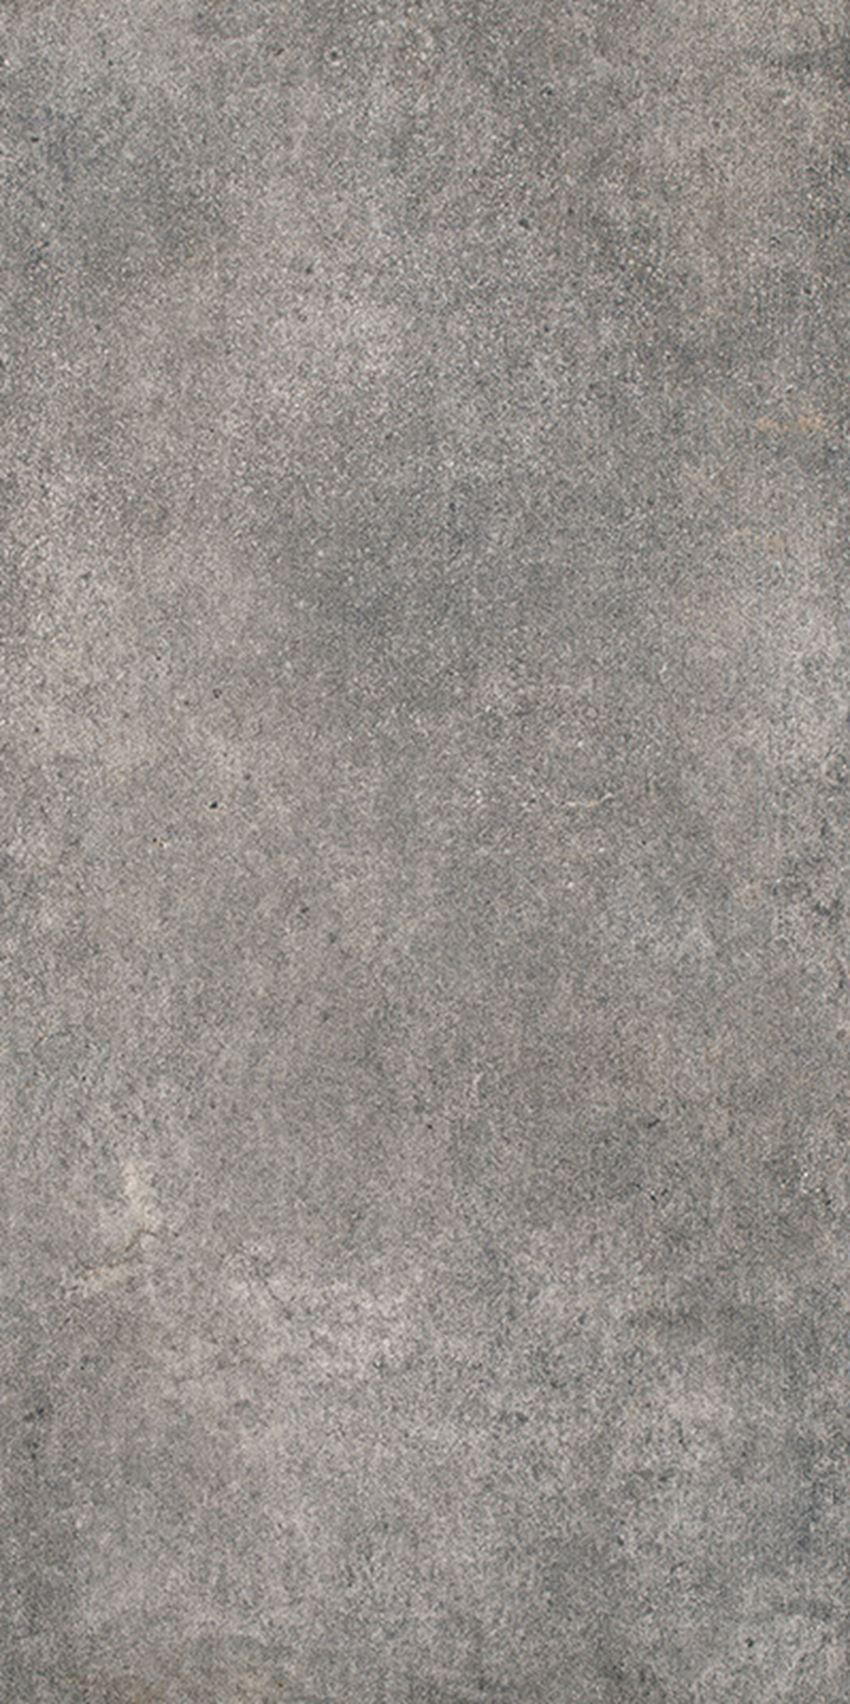 Płytka ścienno-podłogowa, 29,8x59,8 cm Paradyż Riversand Grafit Gres Szkl. Rekt. Półpoler